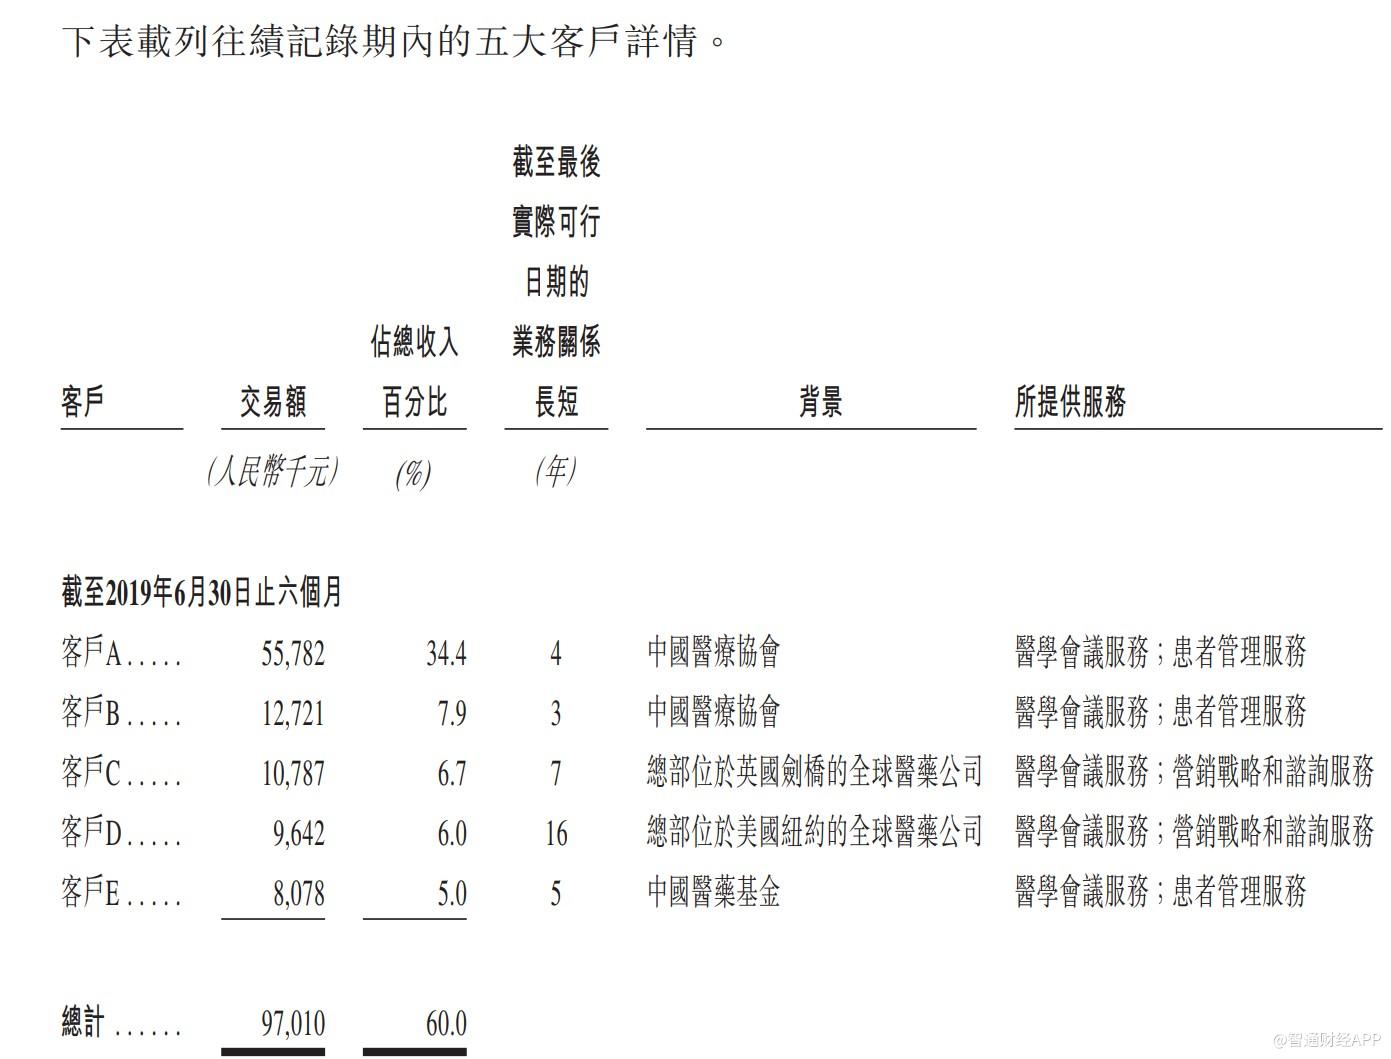 「ca88正式官网」成都银行股份有限公司 关于稳定股价措施实施完成的公告